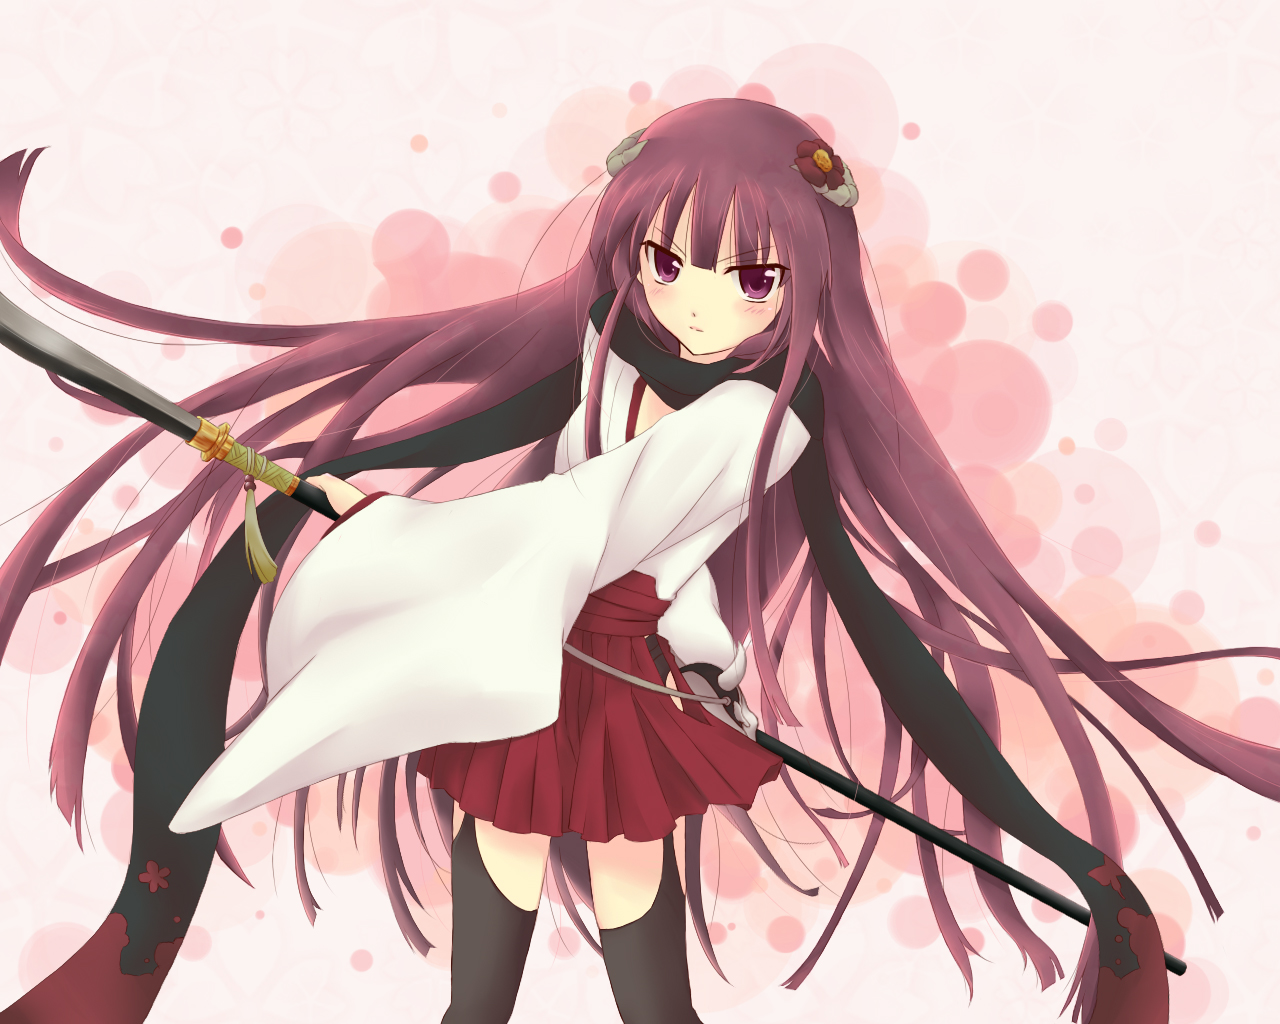 Shirakiin Ririchiyo Inu X Boku Ss Image 962946 Zerochan Anime Image Board